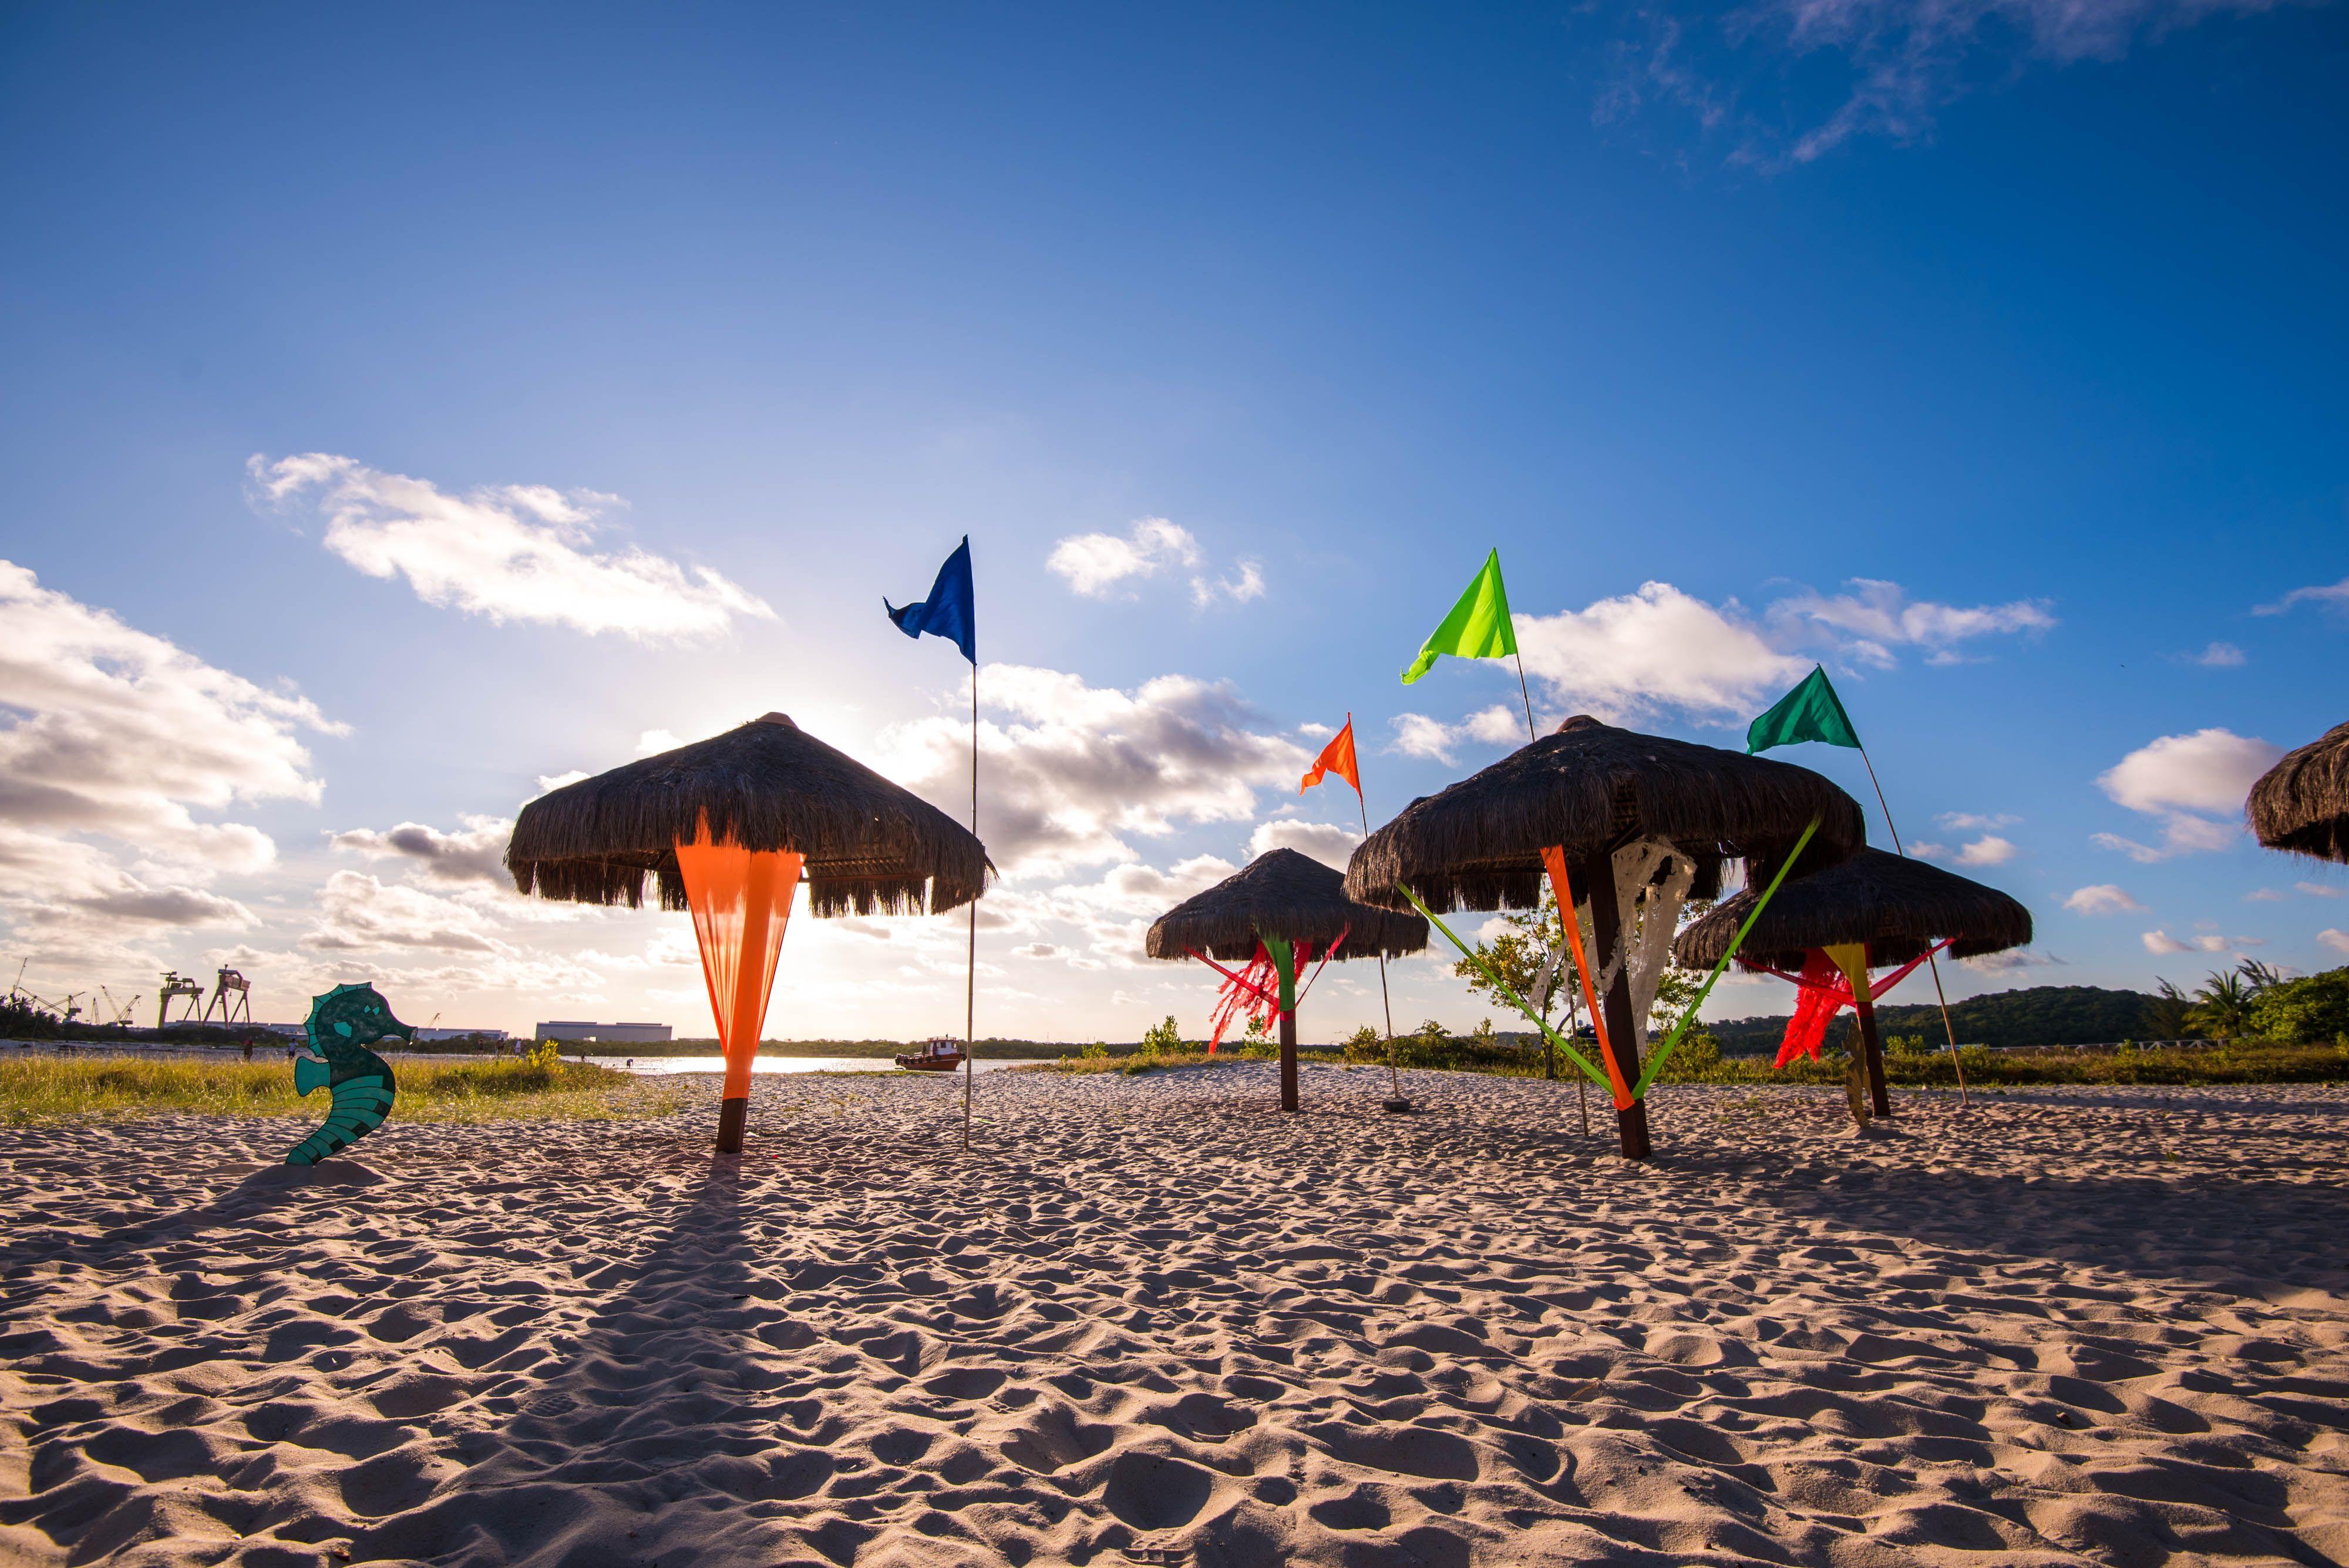 Sunset Vila Gale Eco Resort Do Cabo Pernambuco Brasil Vilas